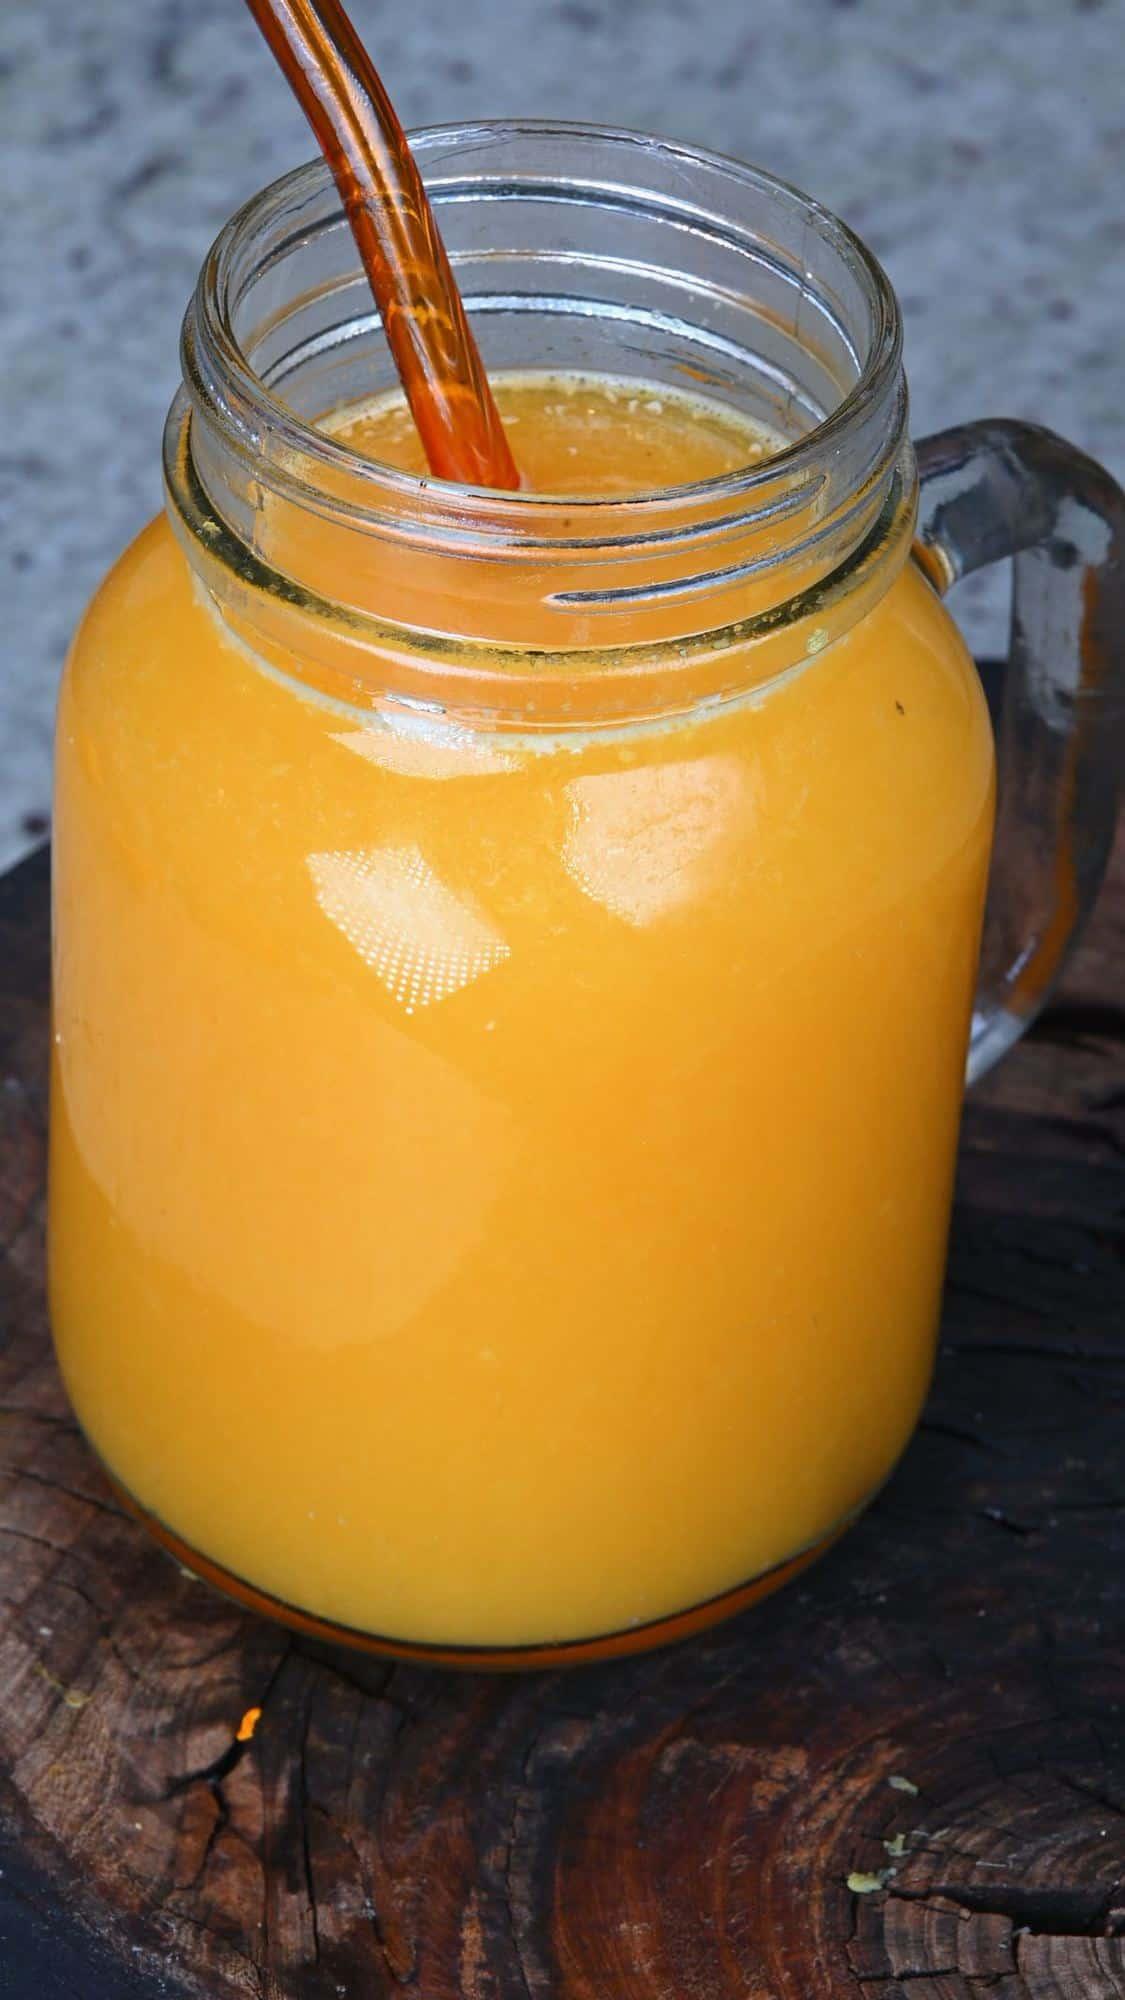 A mason jar with orange juice and a glass straw